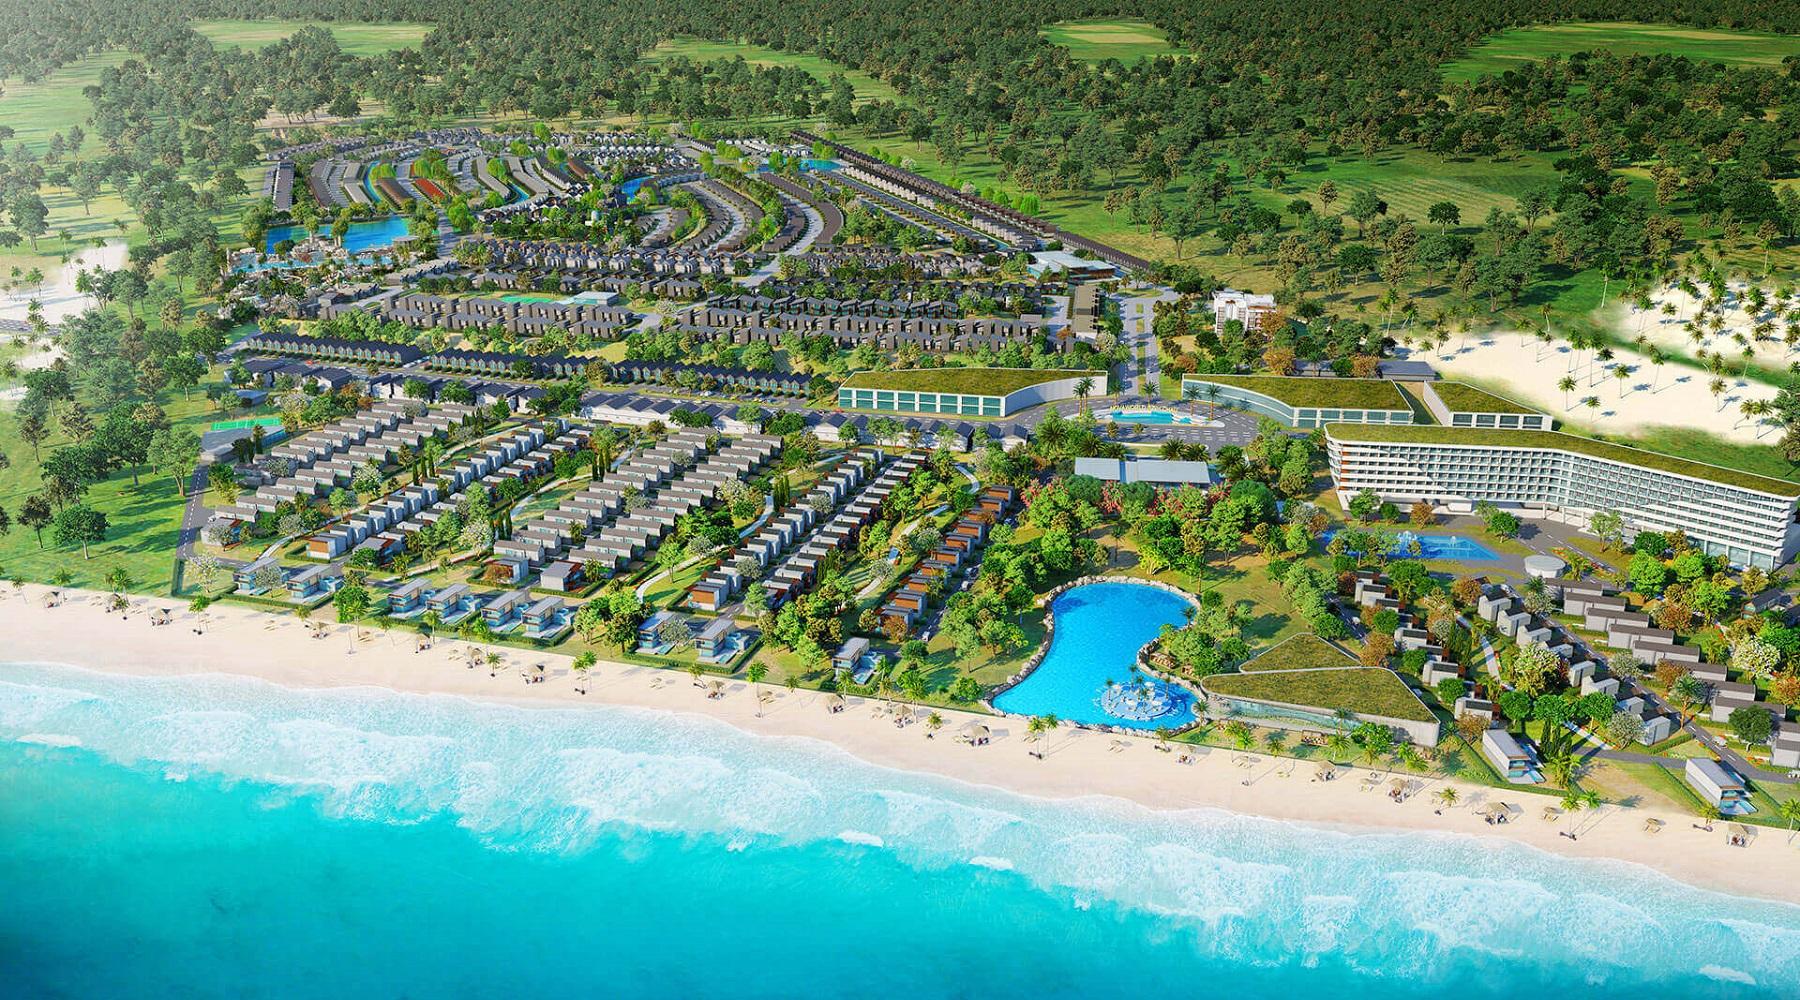 Chỉ điểm những xu hướng mới của thị trường bất động sản nghỉ dưỡng?